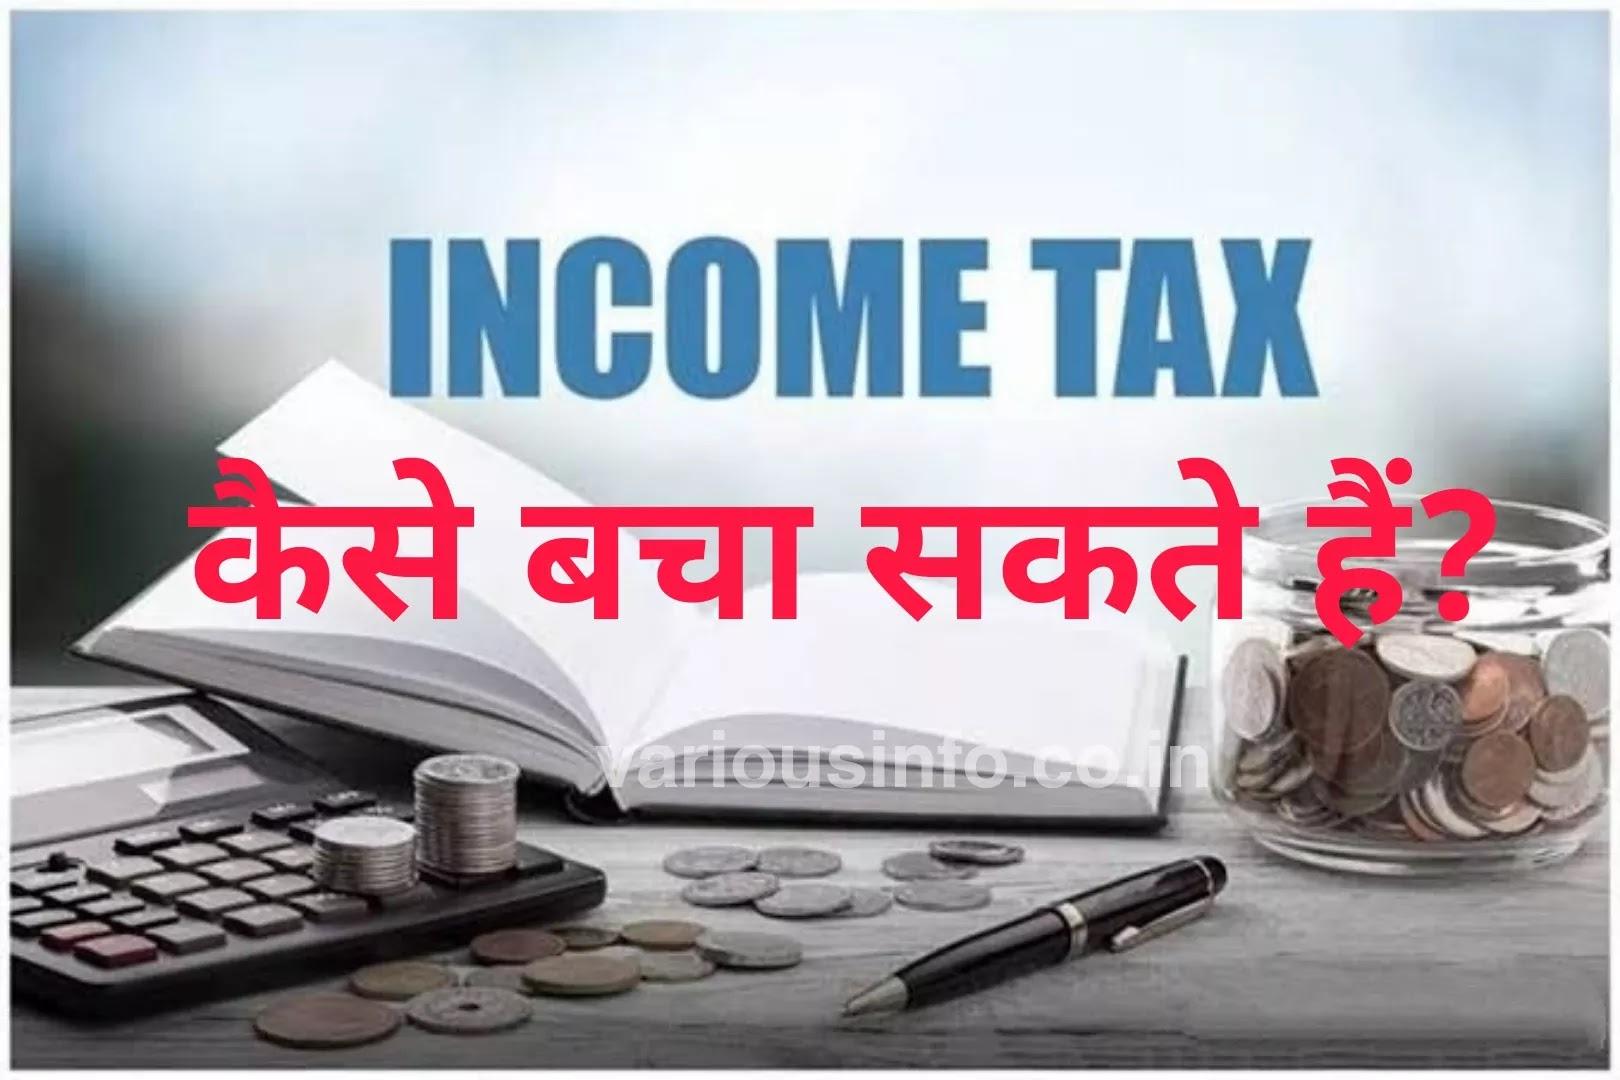 टैक्स सेविंग ओप्तिओंस, सेविंग अकाउंट पर टैक्स, टैक्स फ्री इंवेस्टमेंट्स, Income Tax rules 80CCD(1B in Hindi) 80C कटौती, इनकम टैक्स अधिनियम, अंडर सेक्श